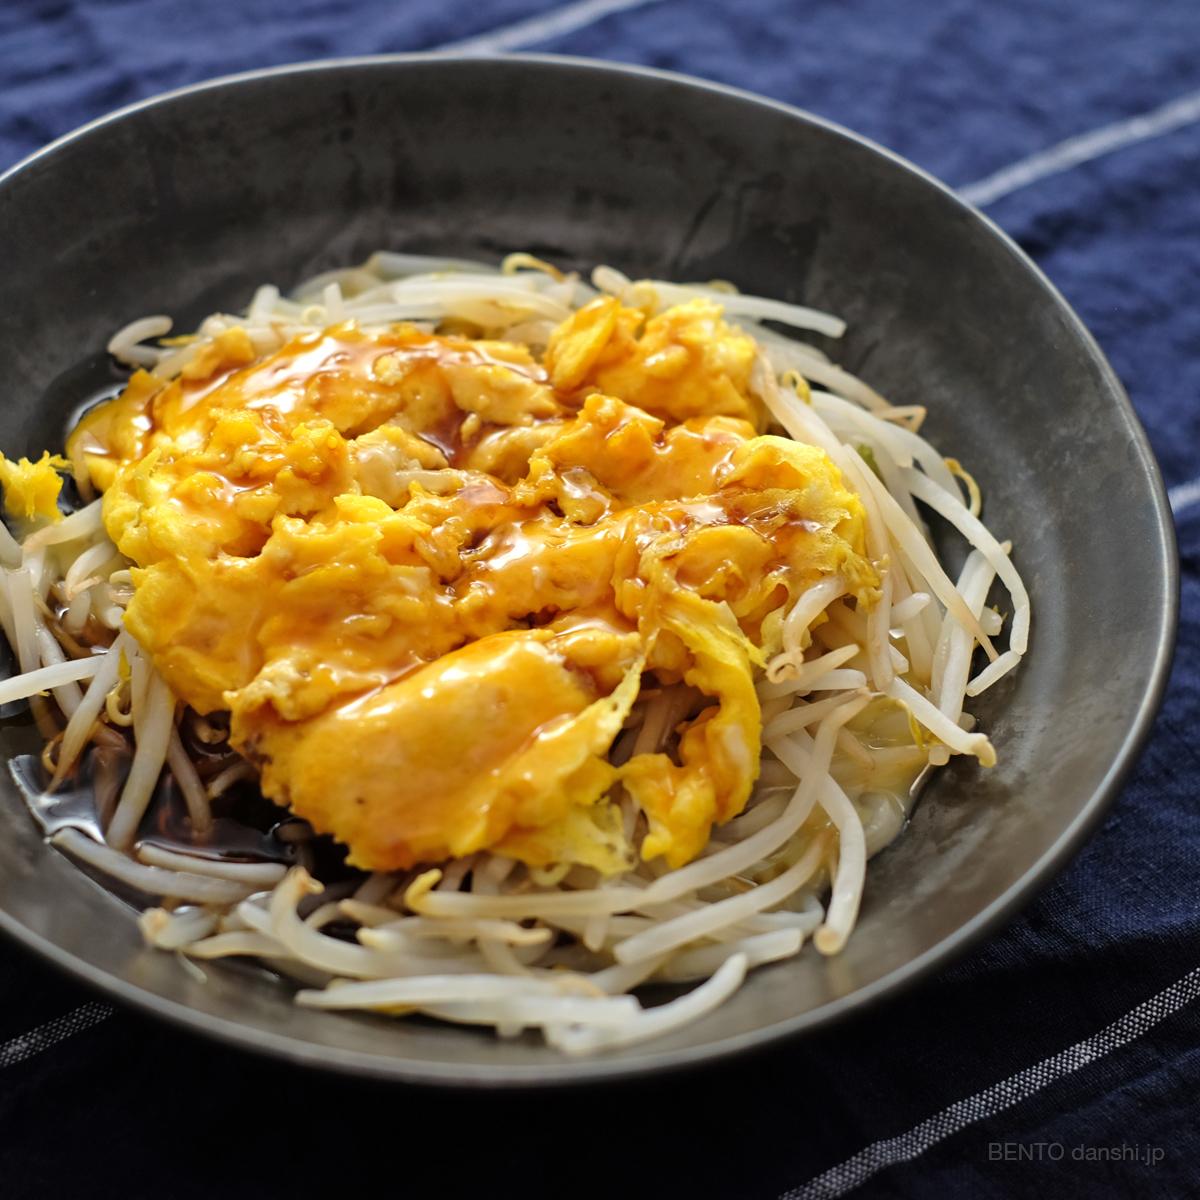 節約しつつ大満足!『ふんわり卵ともやしのあんかけ』は、もやしと卵の大量消費にも適した優秀・節約おかずレシピです。